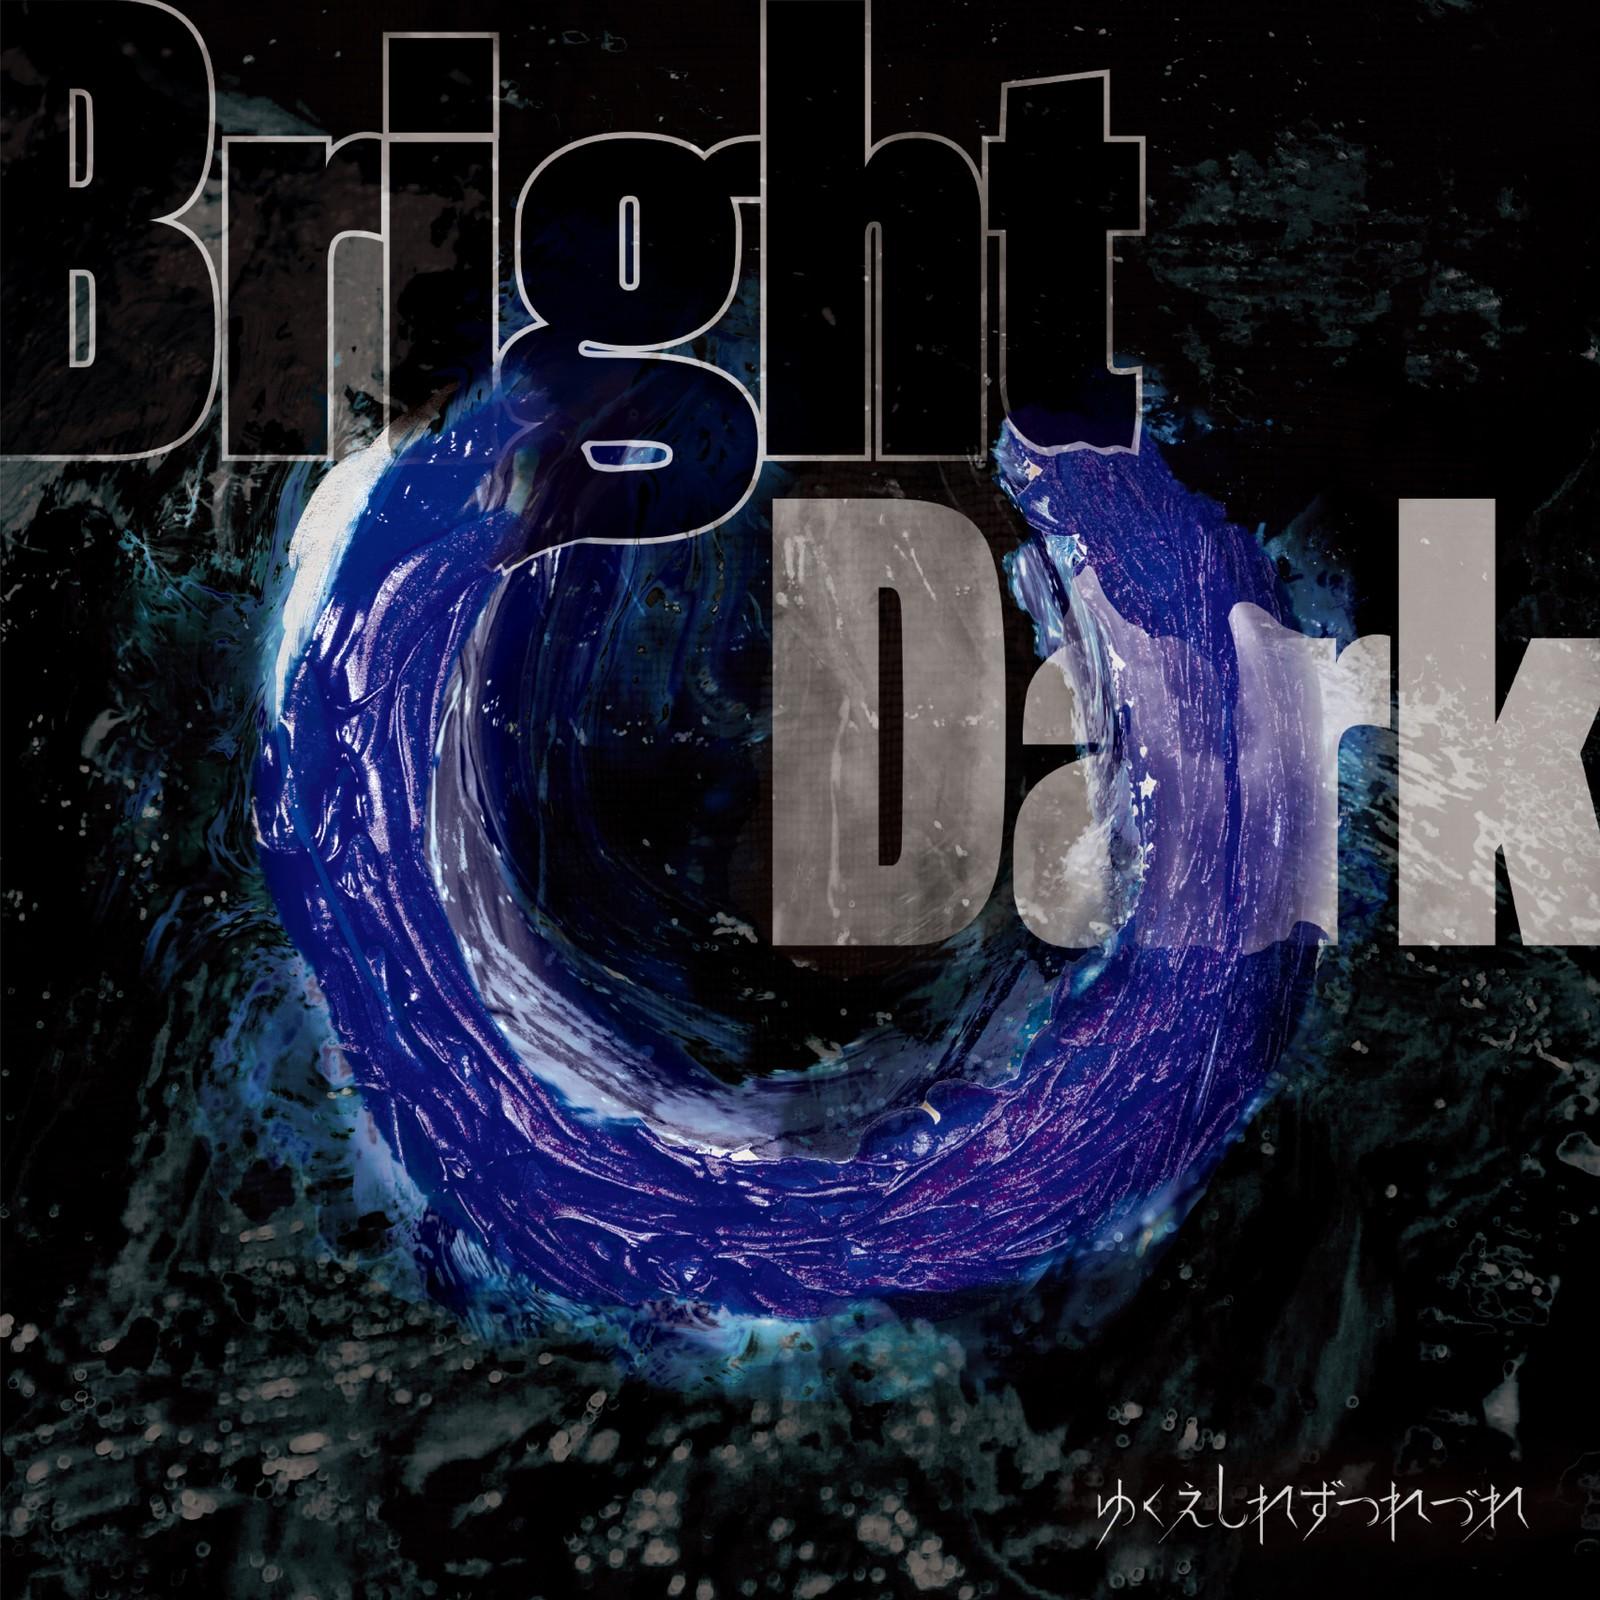 ゆくえしれずつれづれ (Yukueshirezutsurezure) – BrightDark [FLAC + AAC 320 / WEB] [2019.10.23]